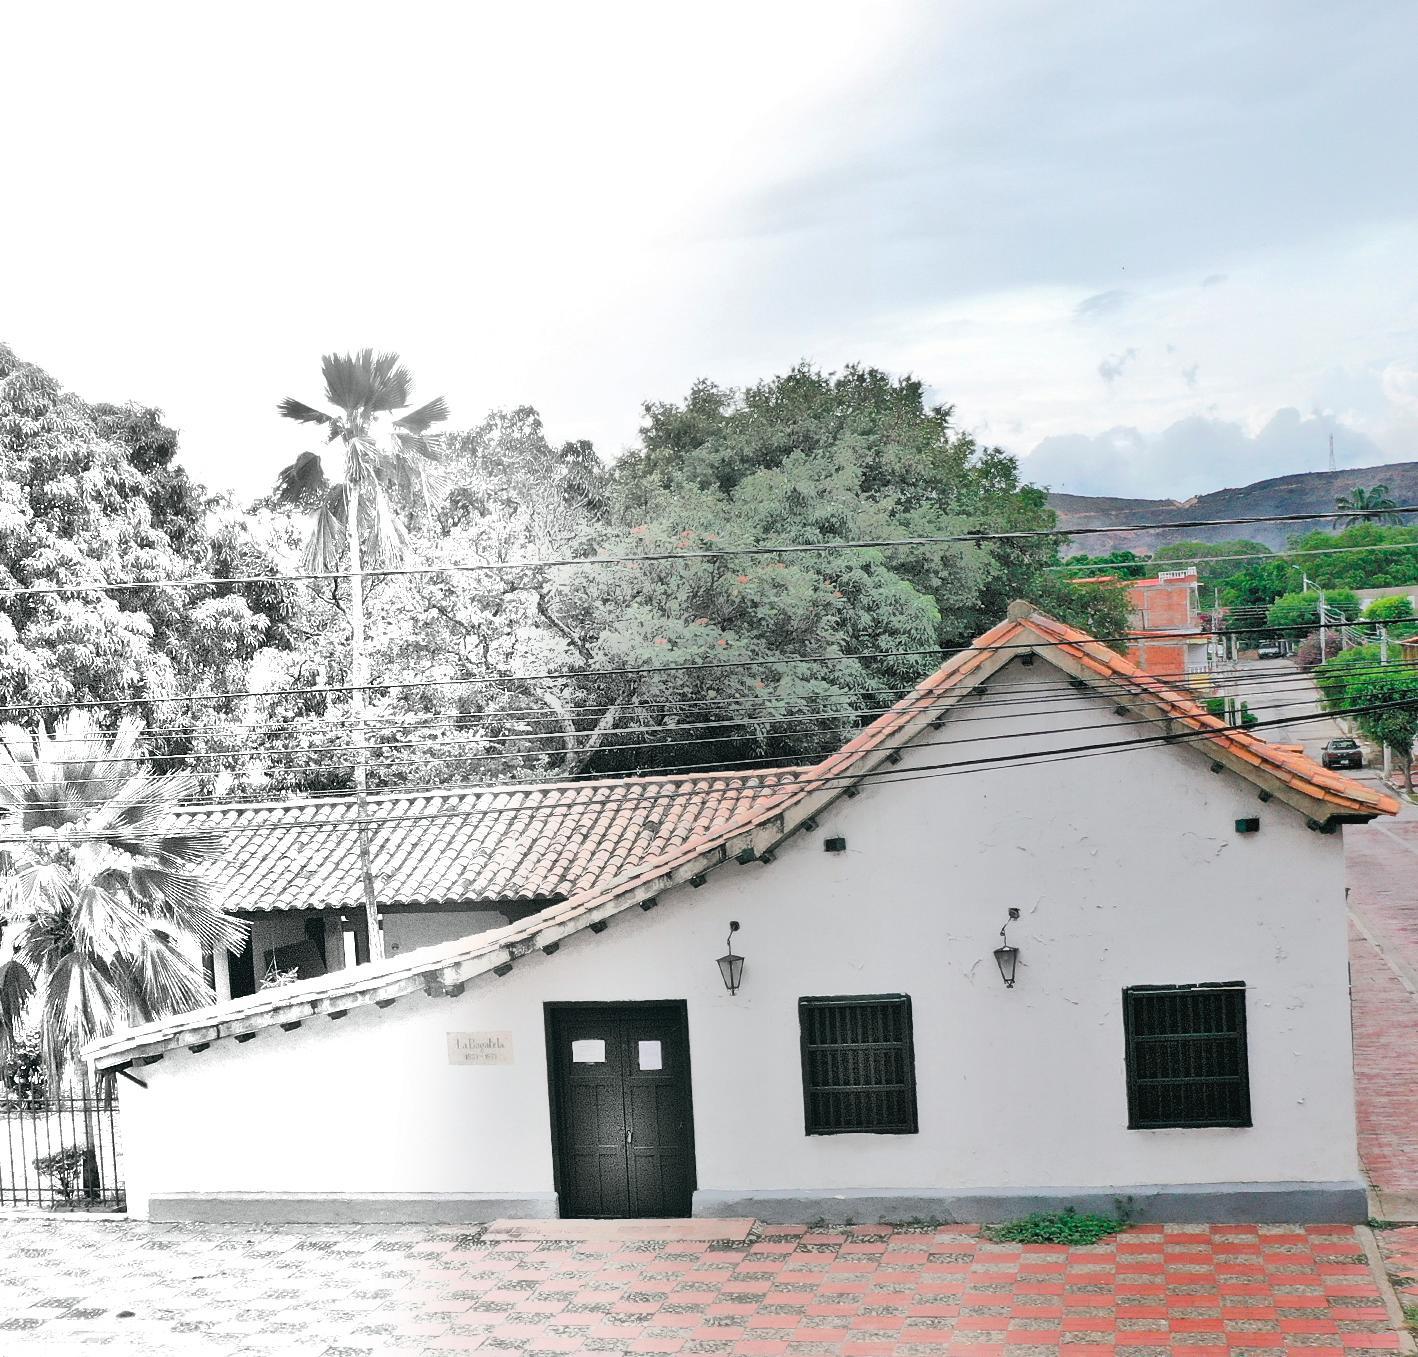 Turismo en Villa del Rosario: lugares, precios e historia